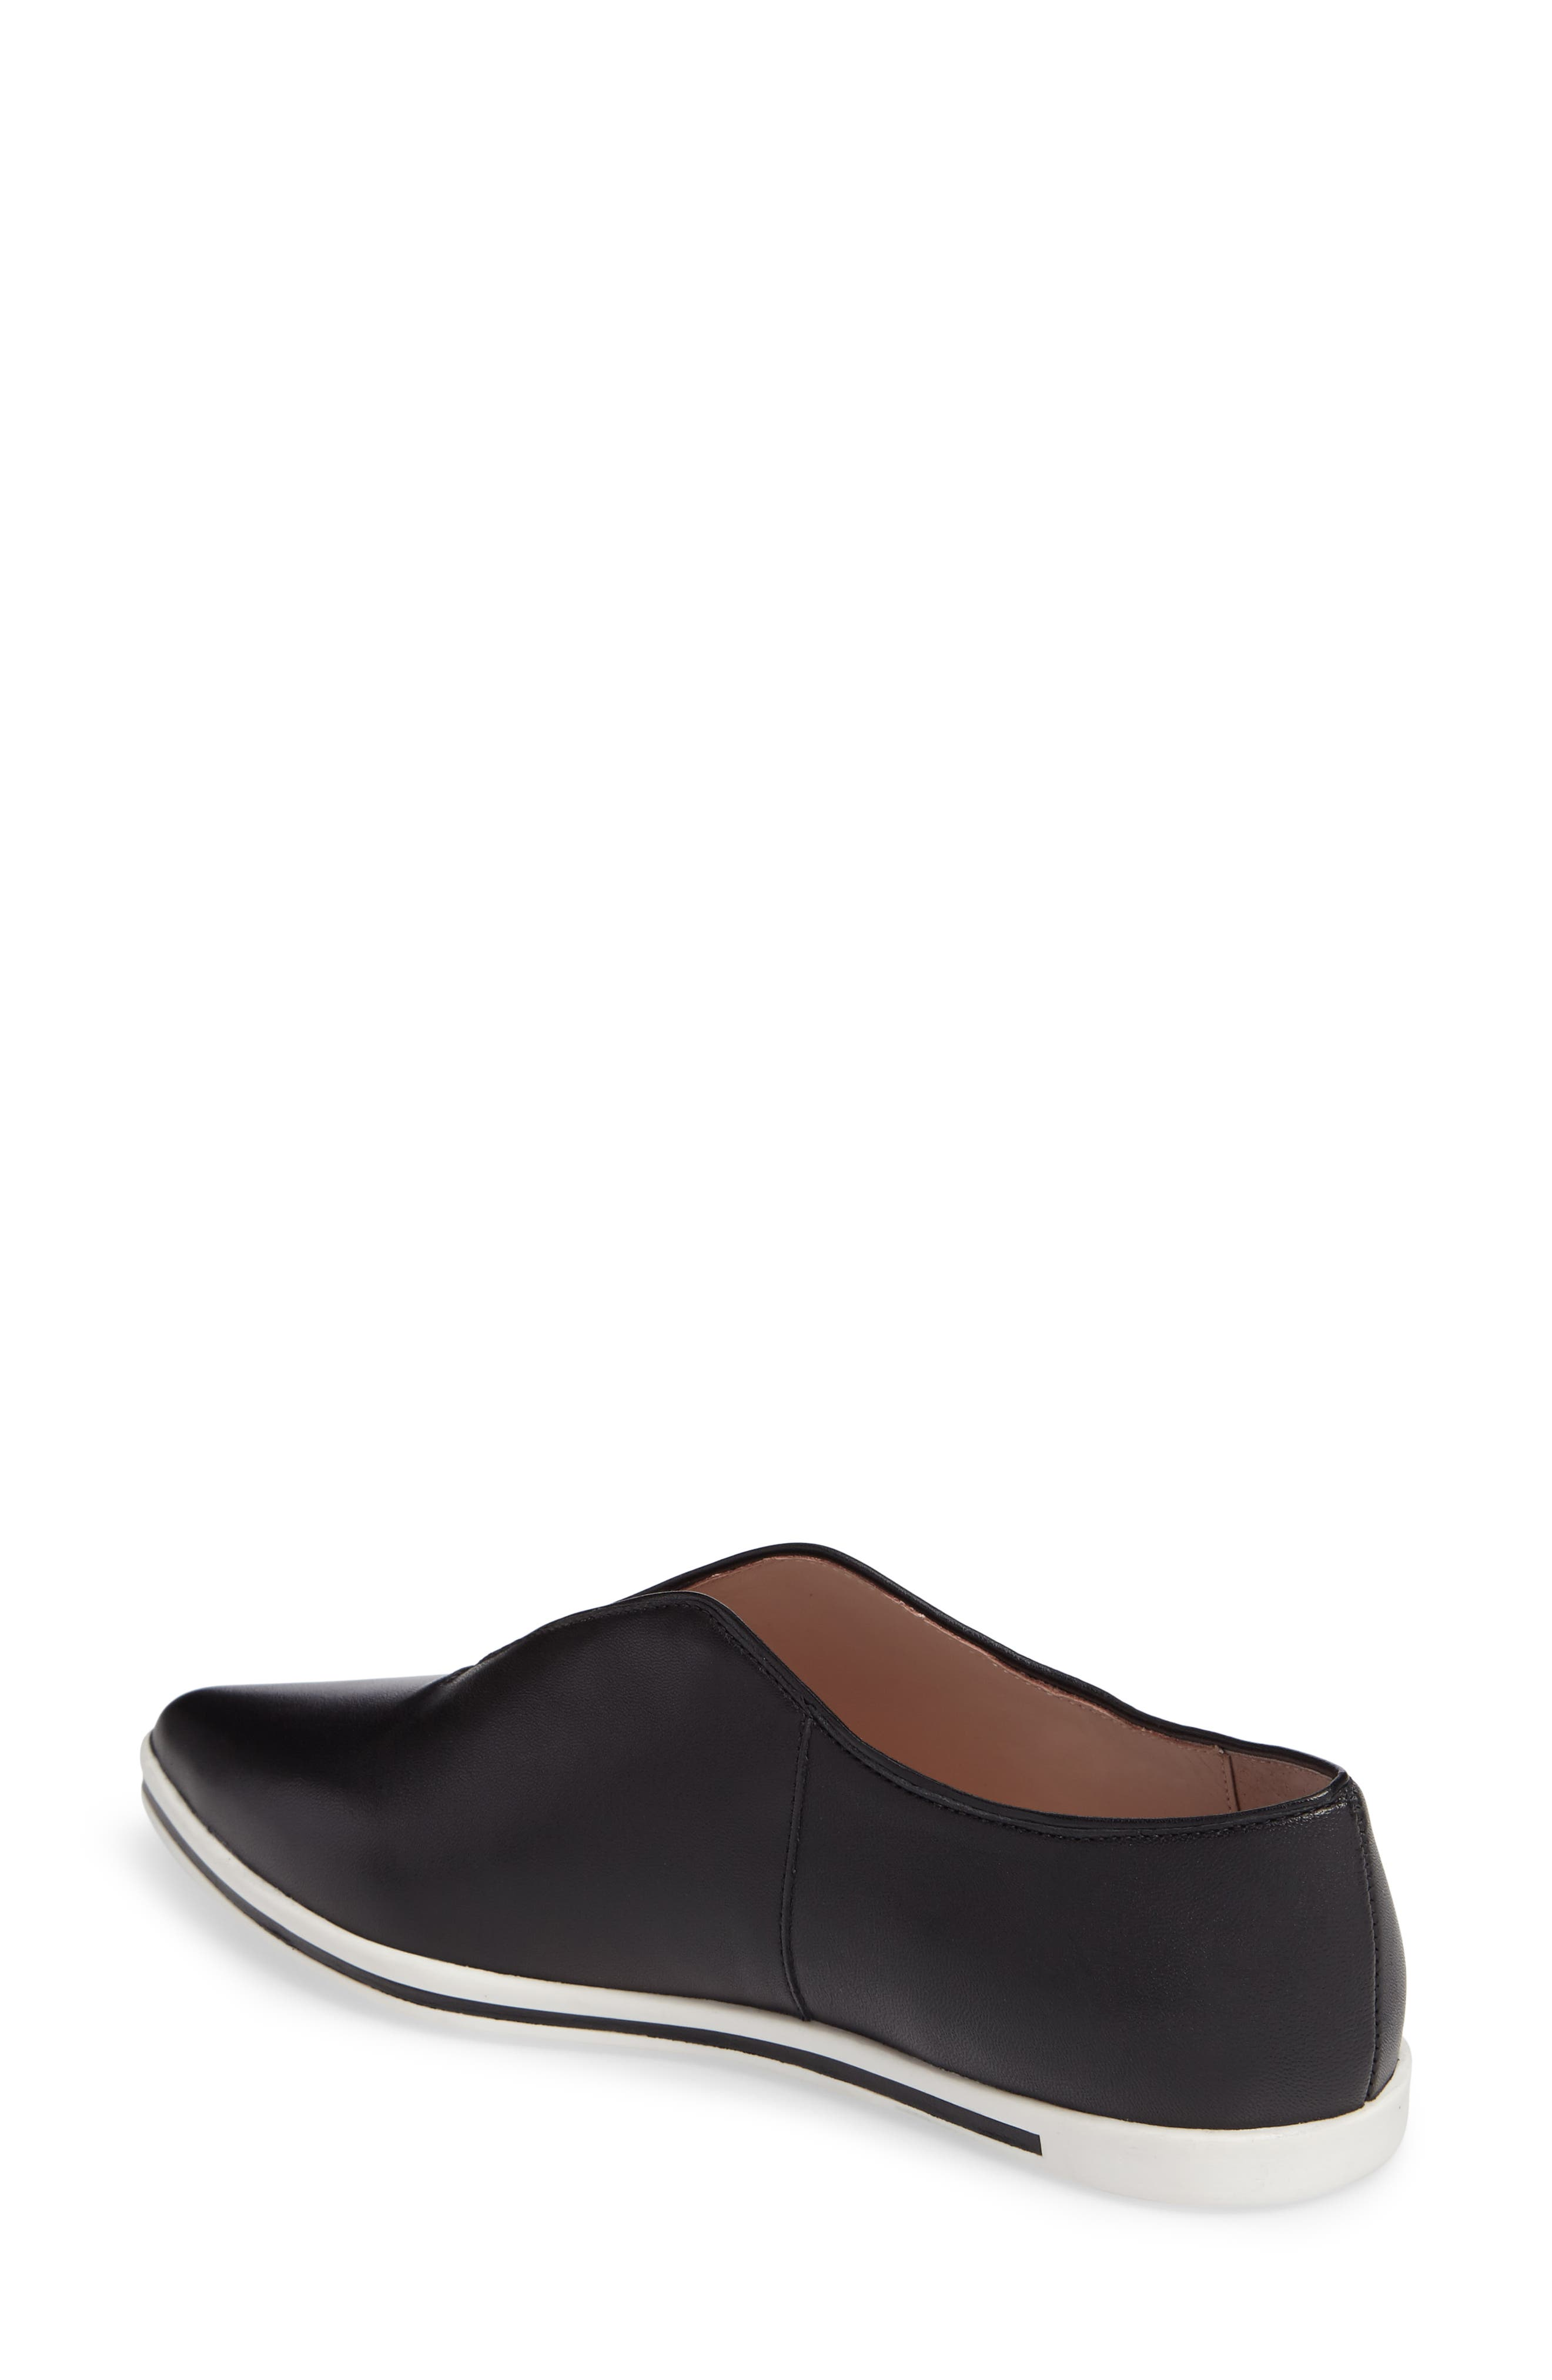 Tisha Slip-On Sneaker,                             Alternate thumbnail 2, color,                             004